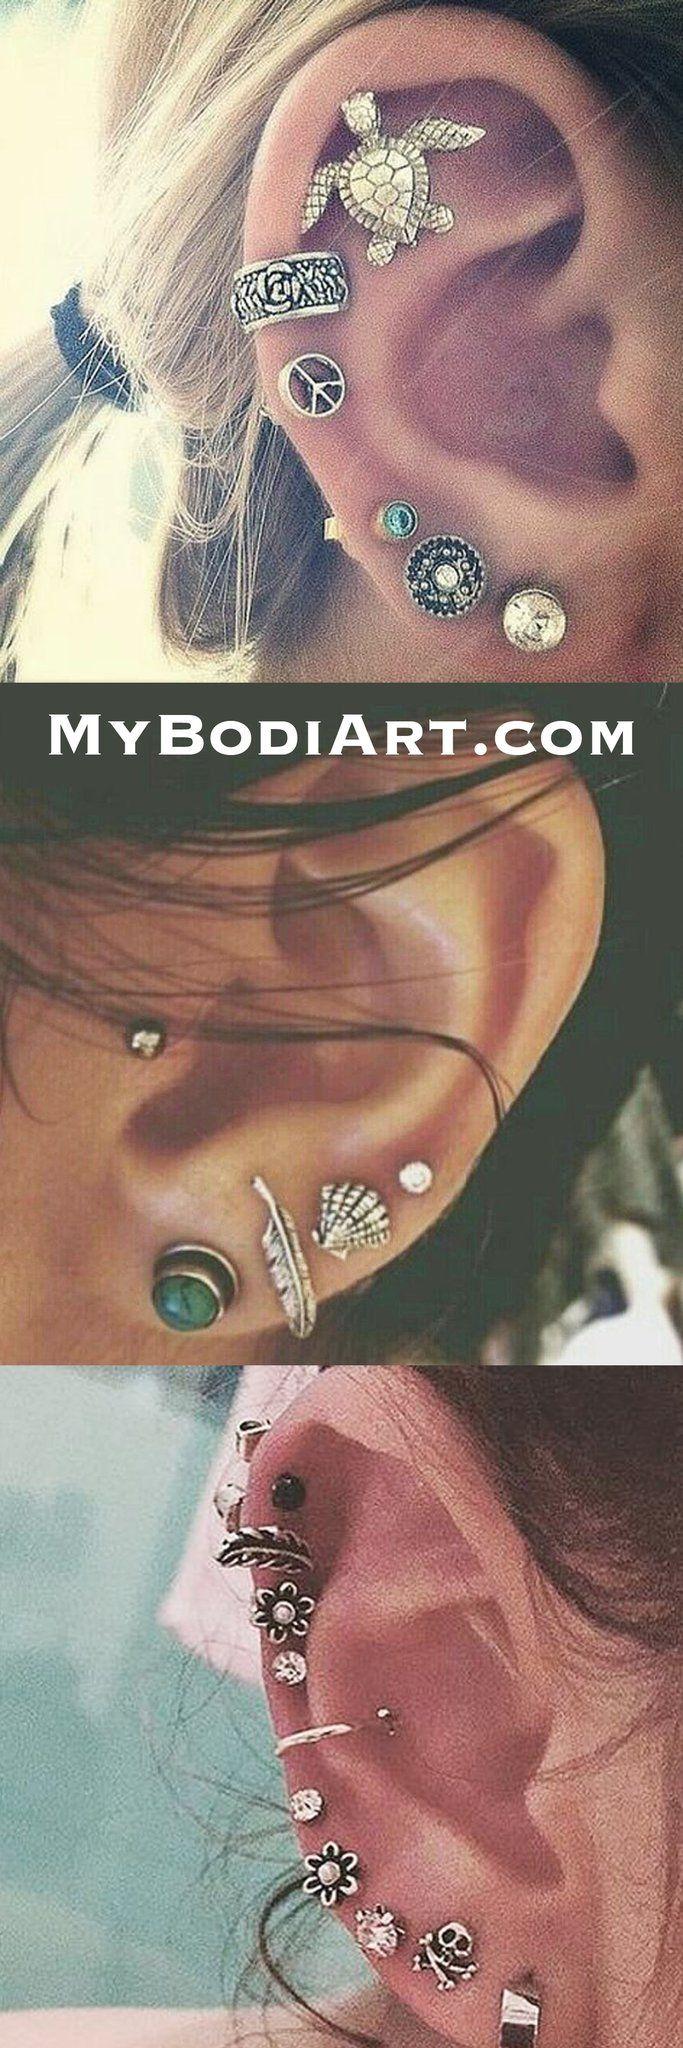 Pretty piercing ideas   Unique Ear Piercing Ideas for the Adventurous  Cartilage stud